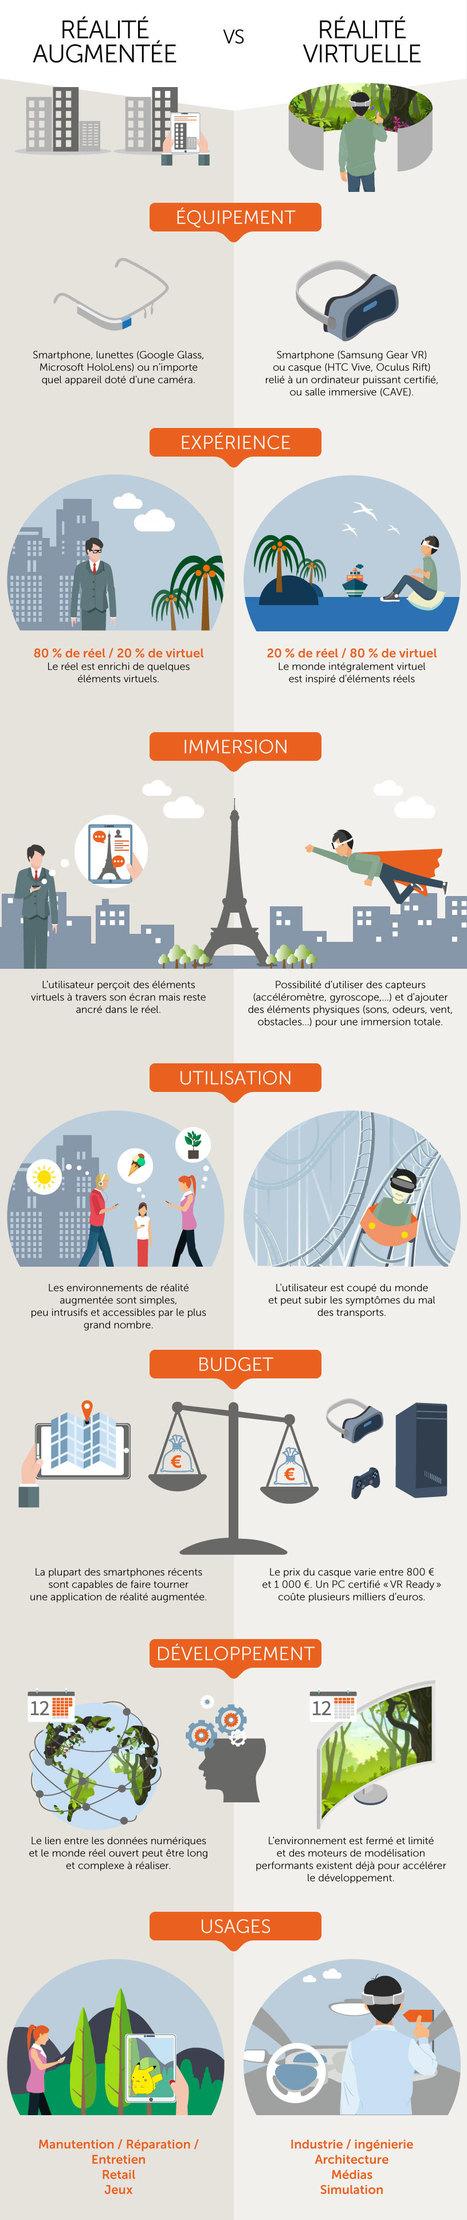 (Infographie) Réalité augmentée vs réalité virtuelle : le match | Narration transmedia et Education | Scoop.it